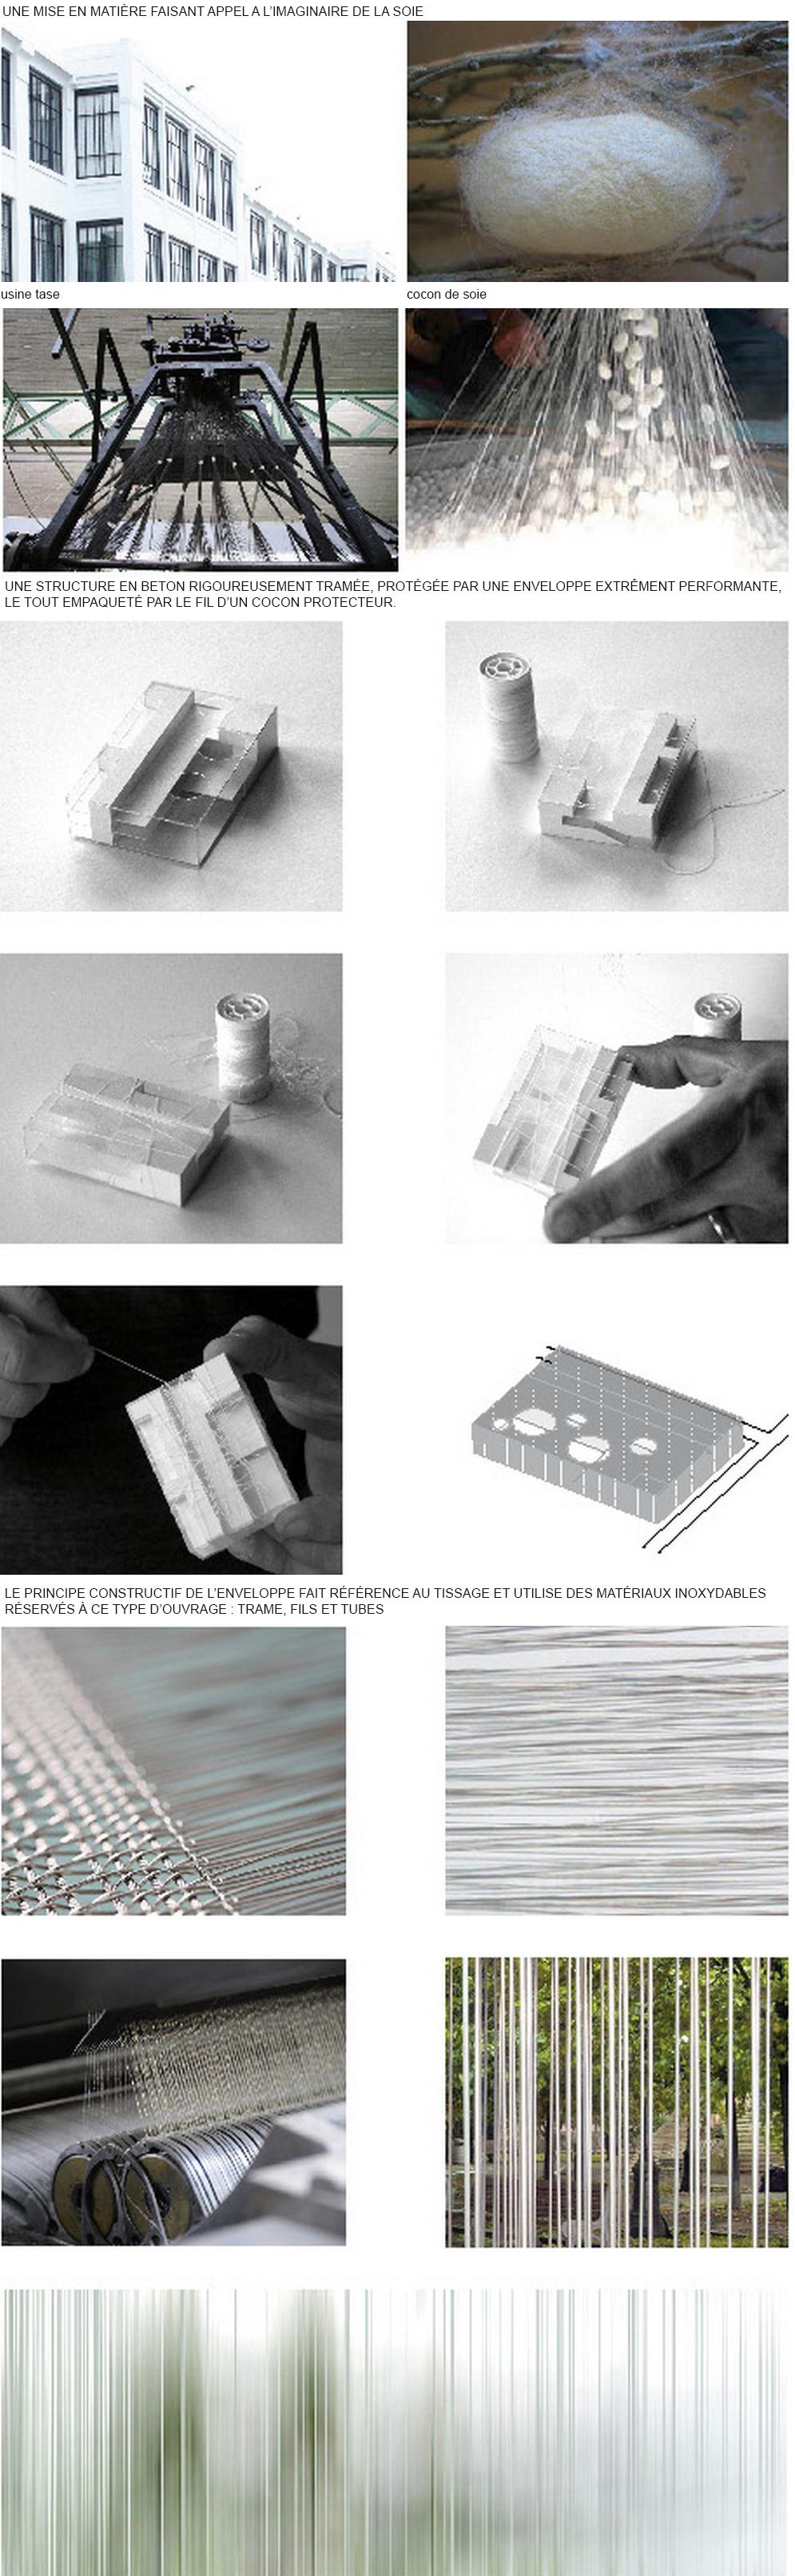 pateyarchitectes - construction du groupe scolaire cartailhac à vaulx en velin - rhône